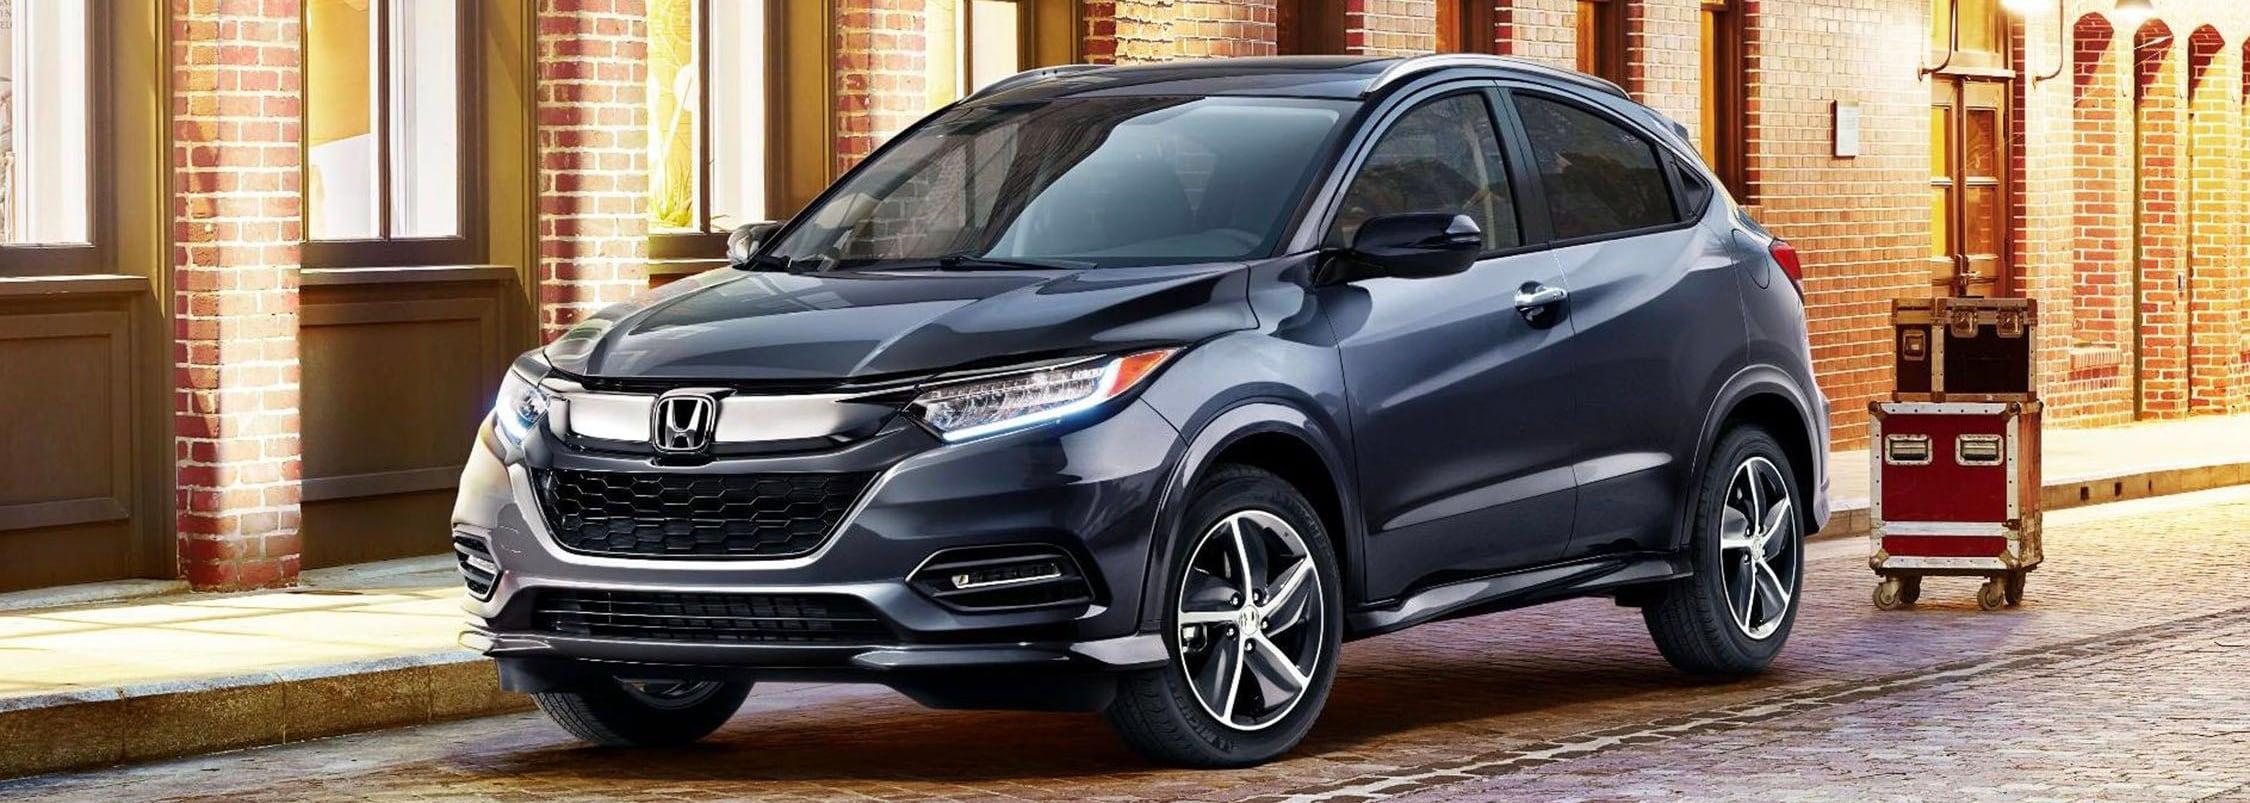 Used Honda Hrv >> 2019 Honda Hrv Review Stockton Honda New Used Cars For Sale